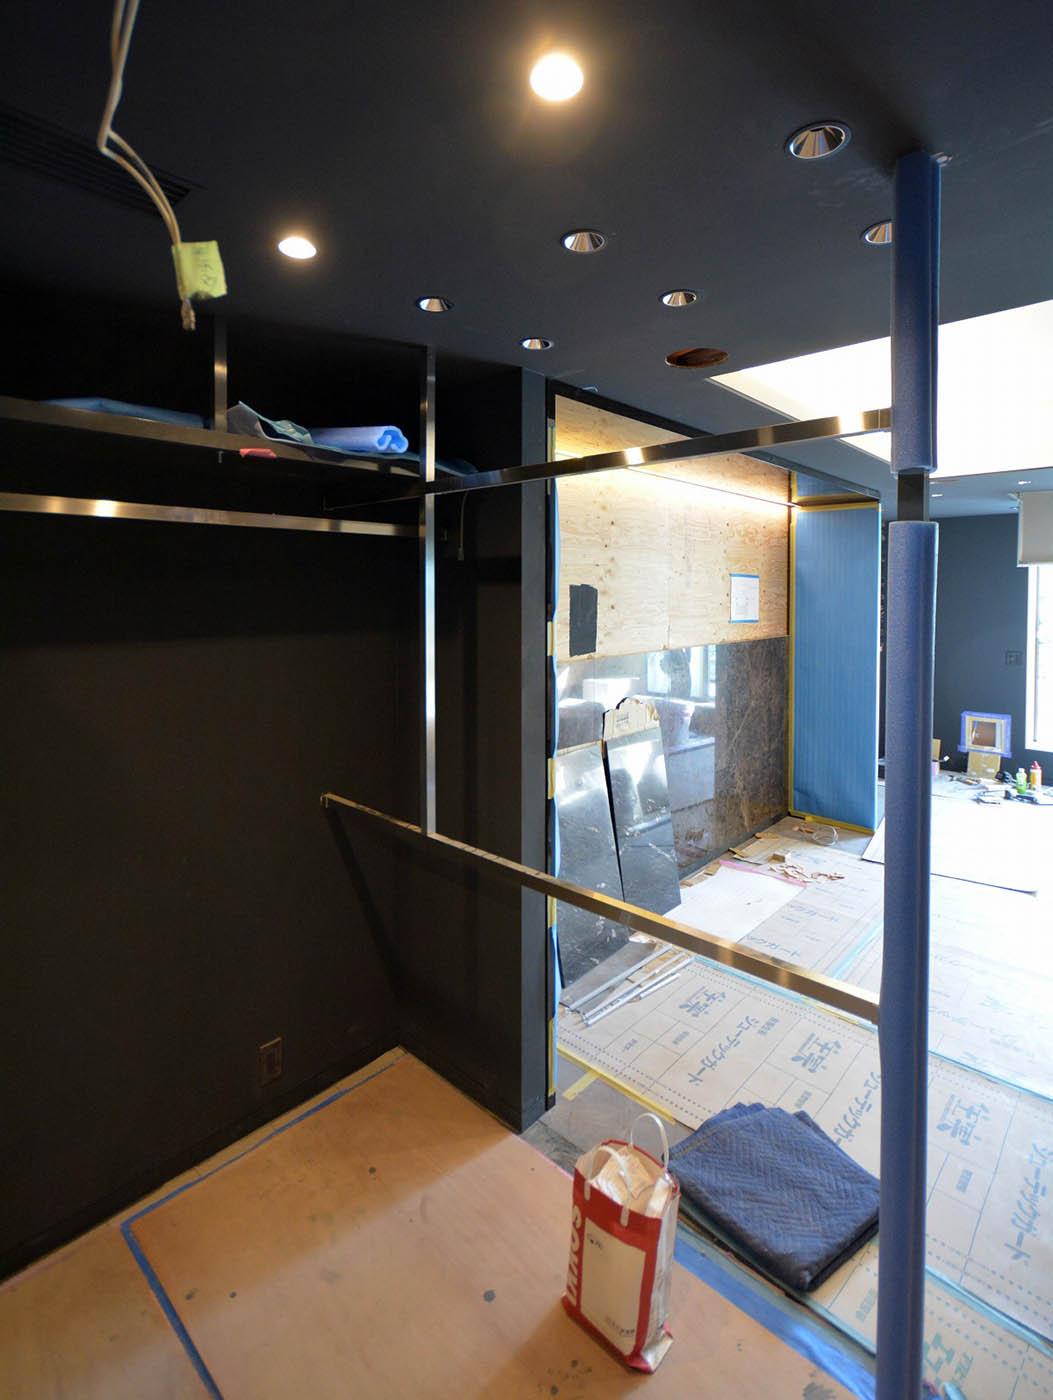 照明組み込みハンガーレール設置@主寝室ウォークインクローゼット